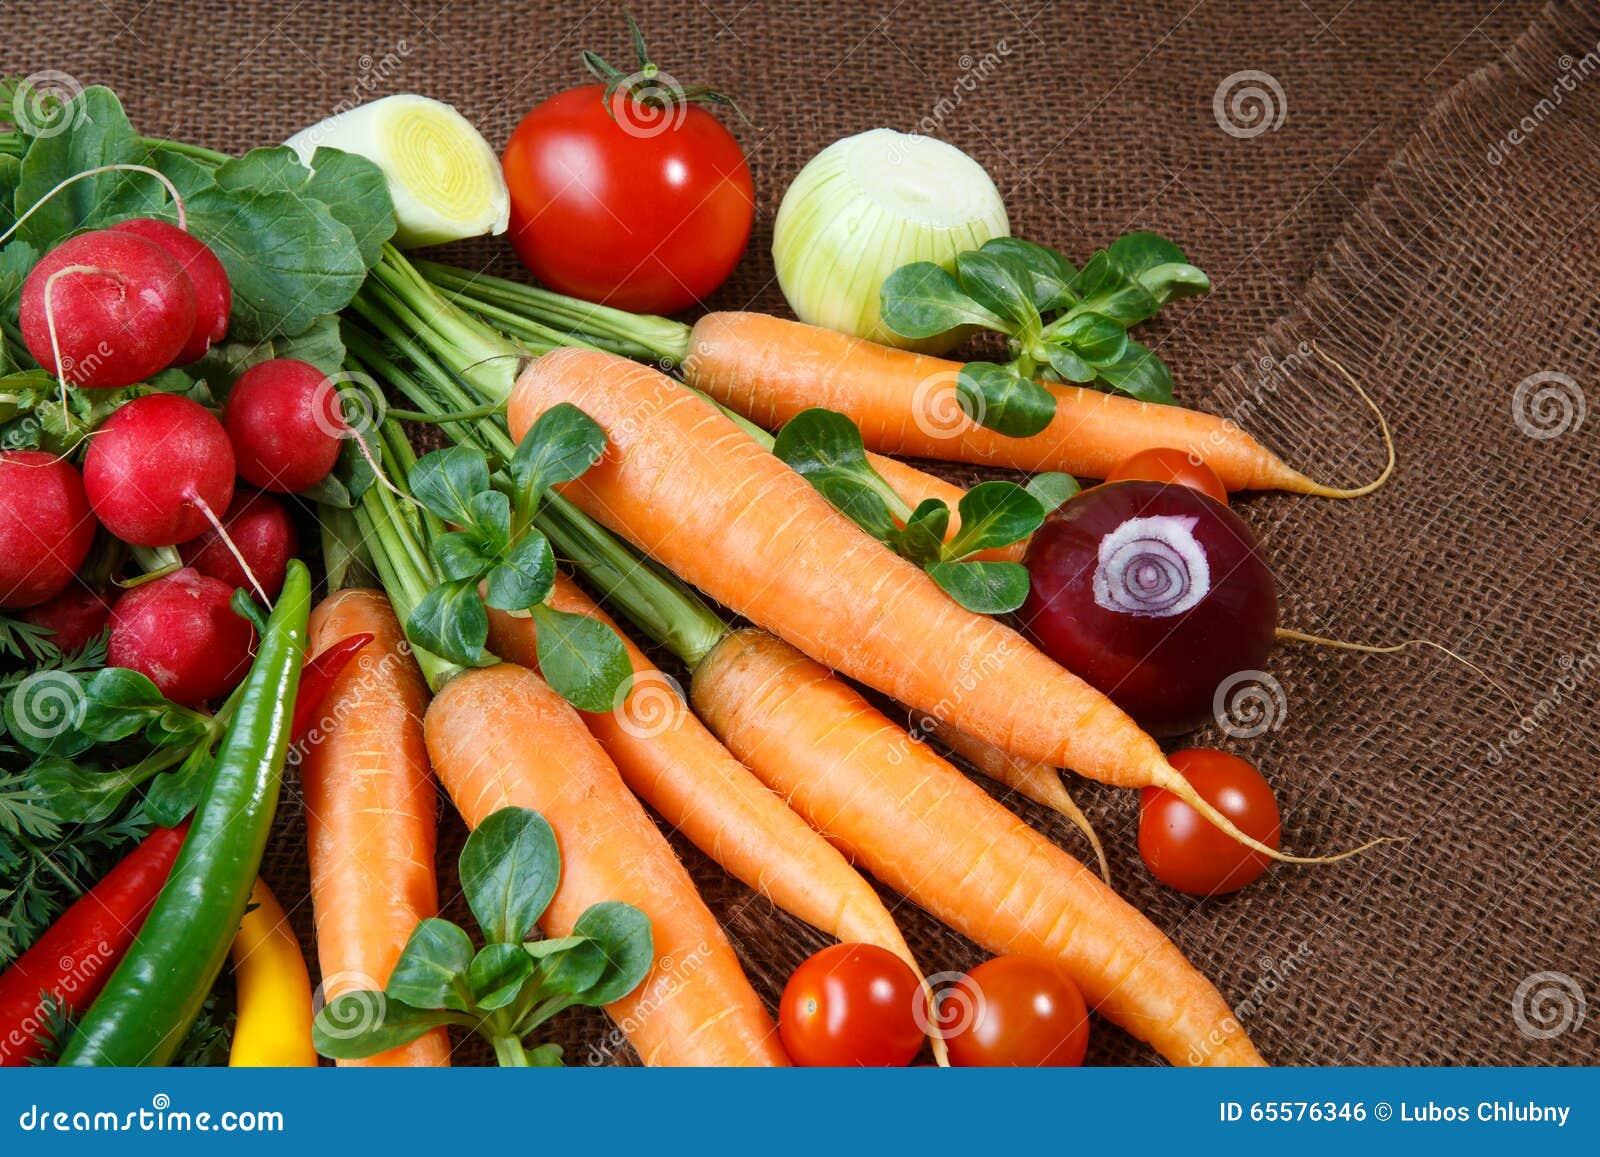 Vários vegetais orgânicos frescos